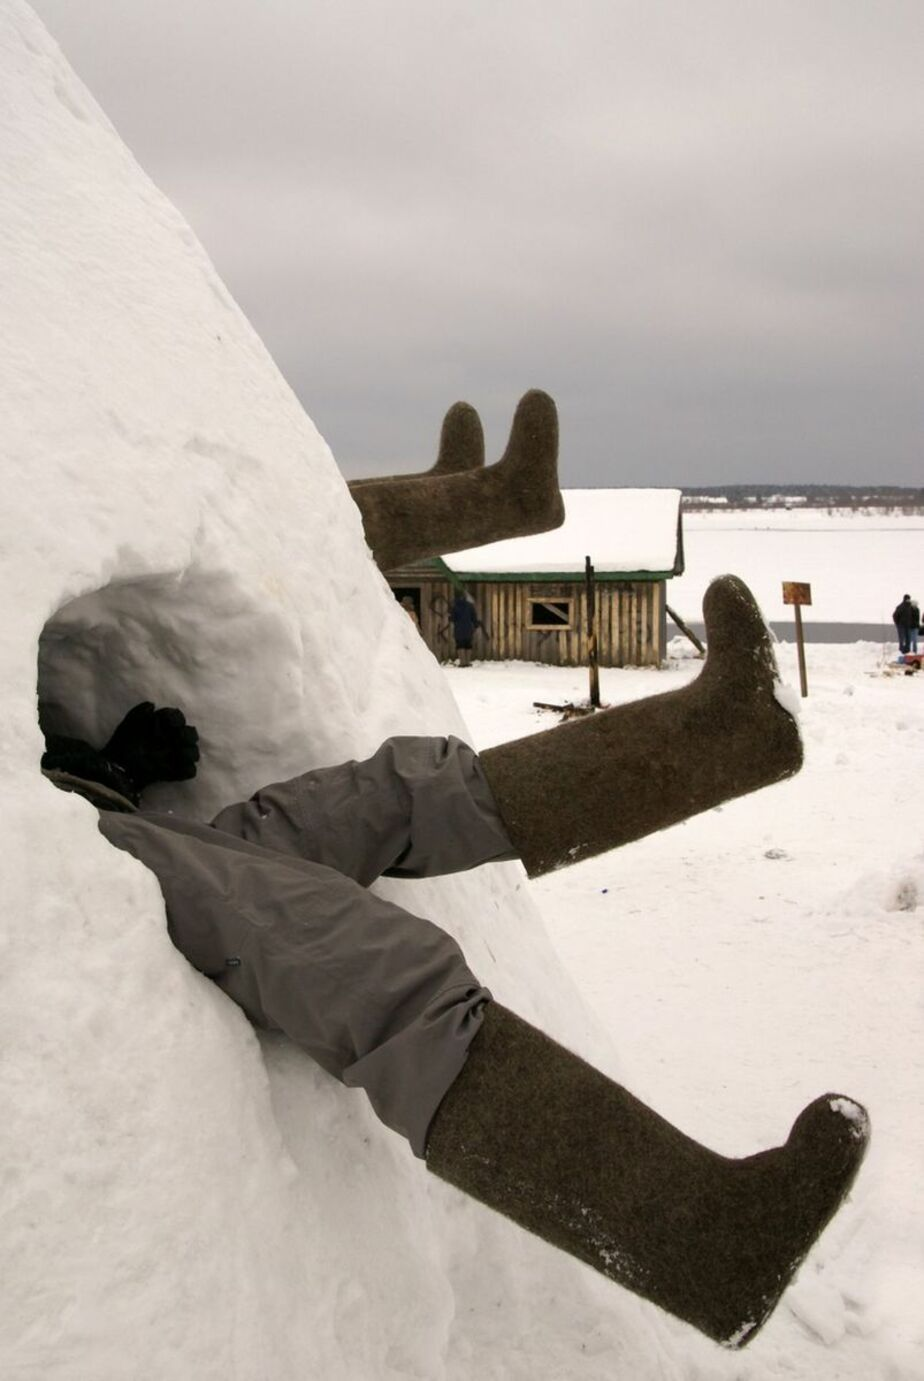 Калининград обошел всю Россию и Европу по высоте сугробов - Новости Калининграда